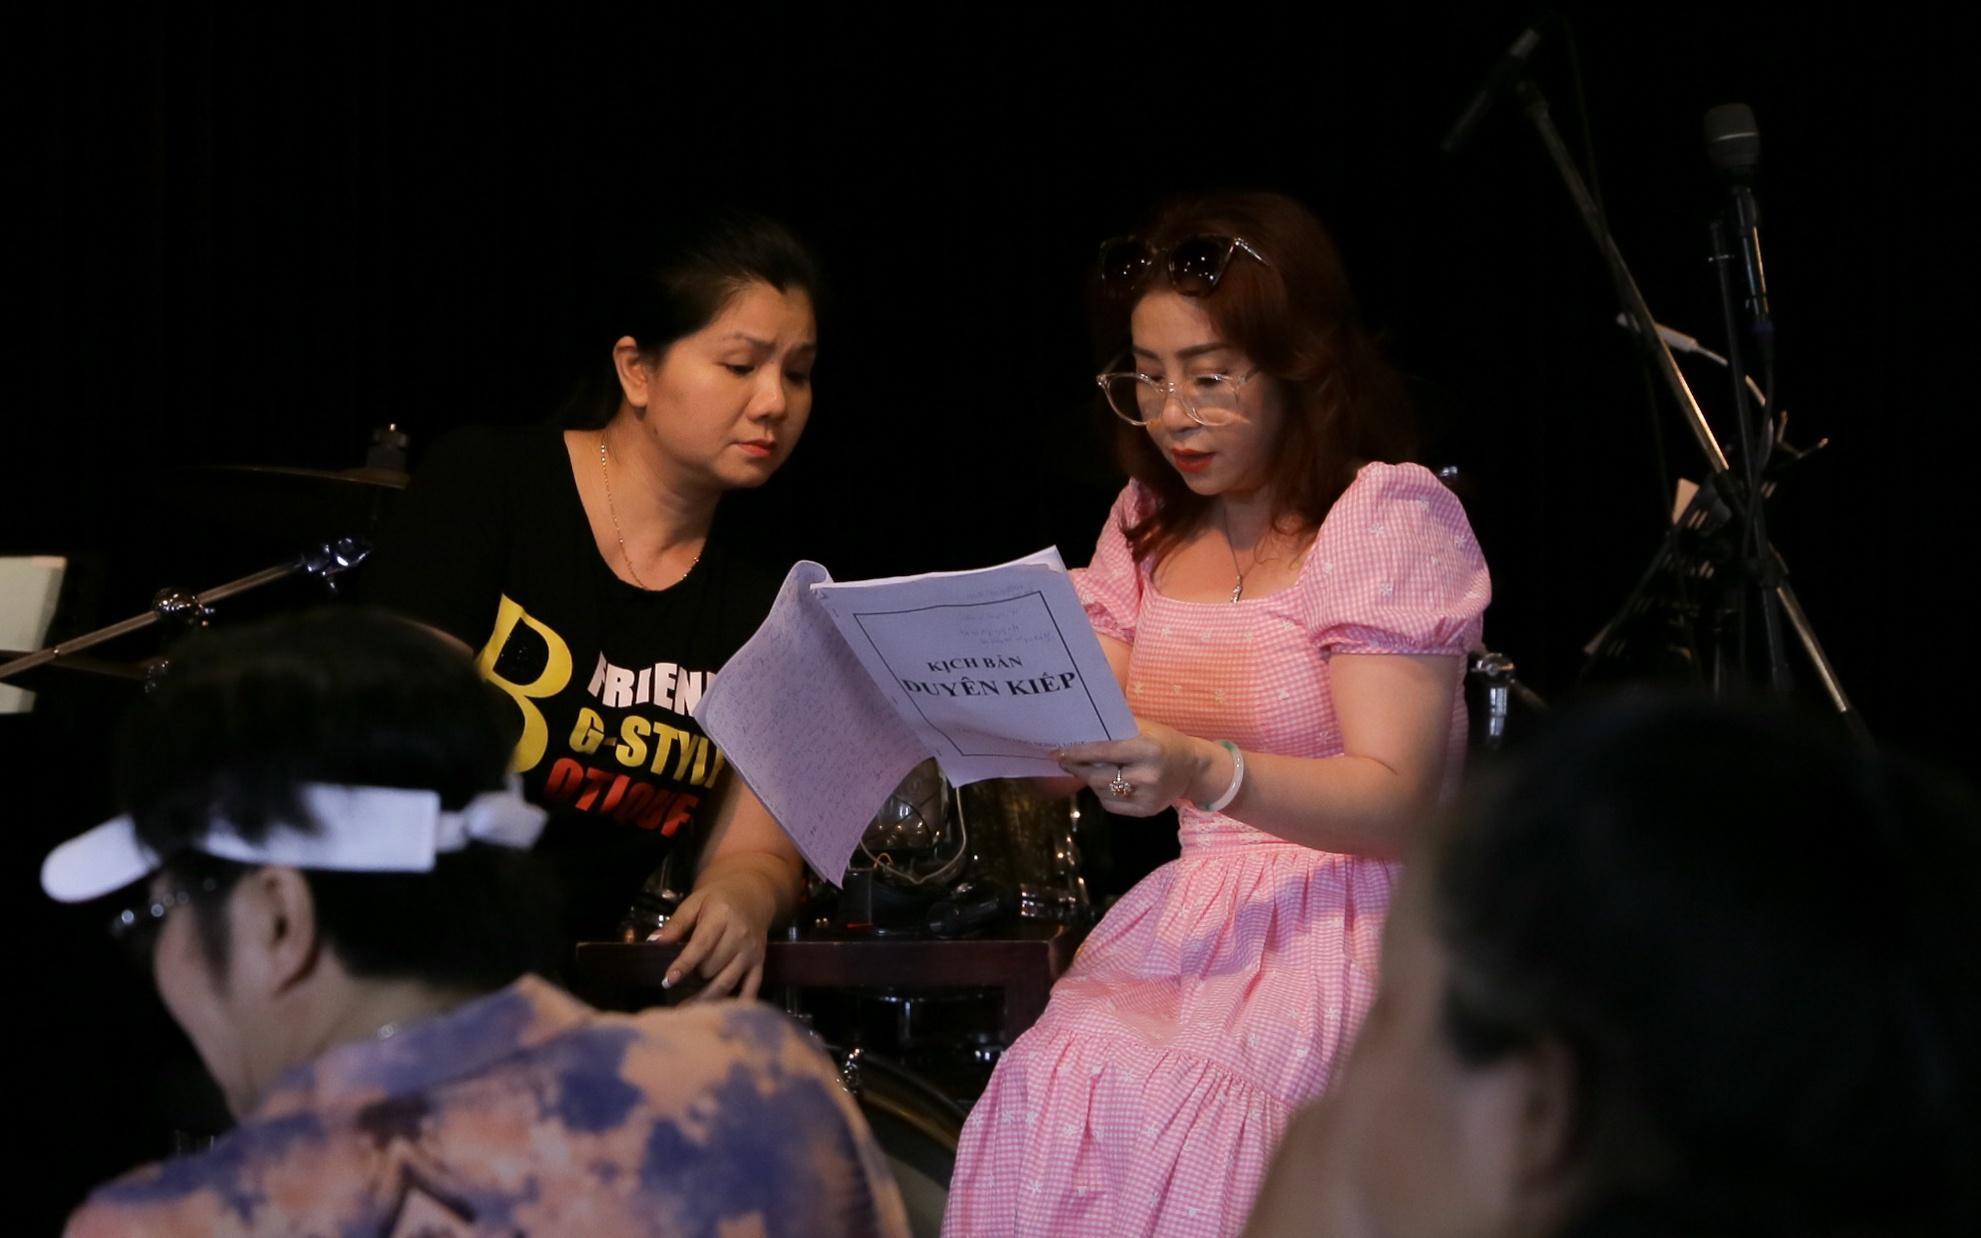 Thanh Hằng, Thoại Mỹ và dàn nghệ sĩ hội ngộ Ảnh 6